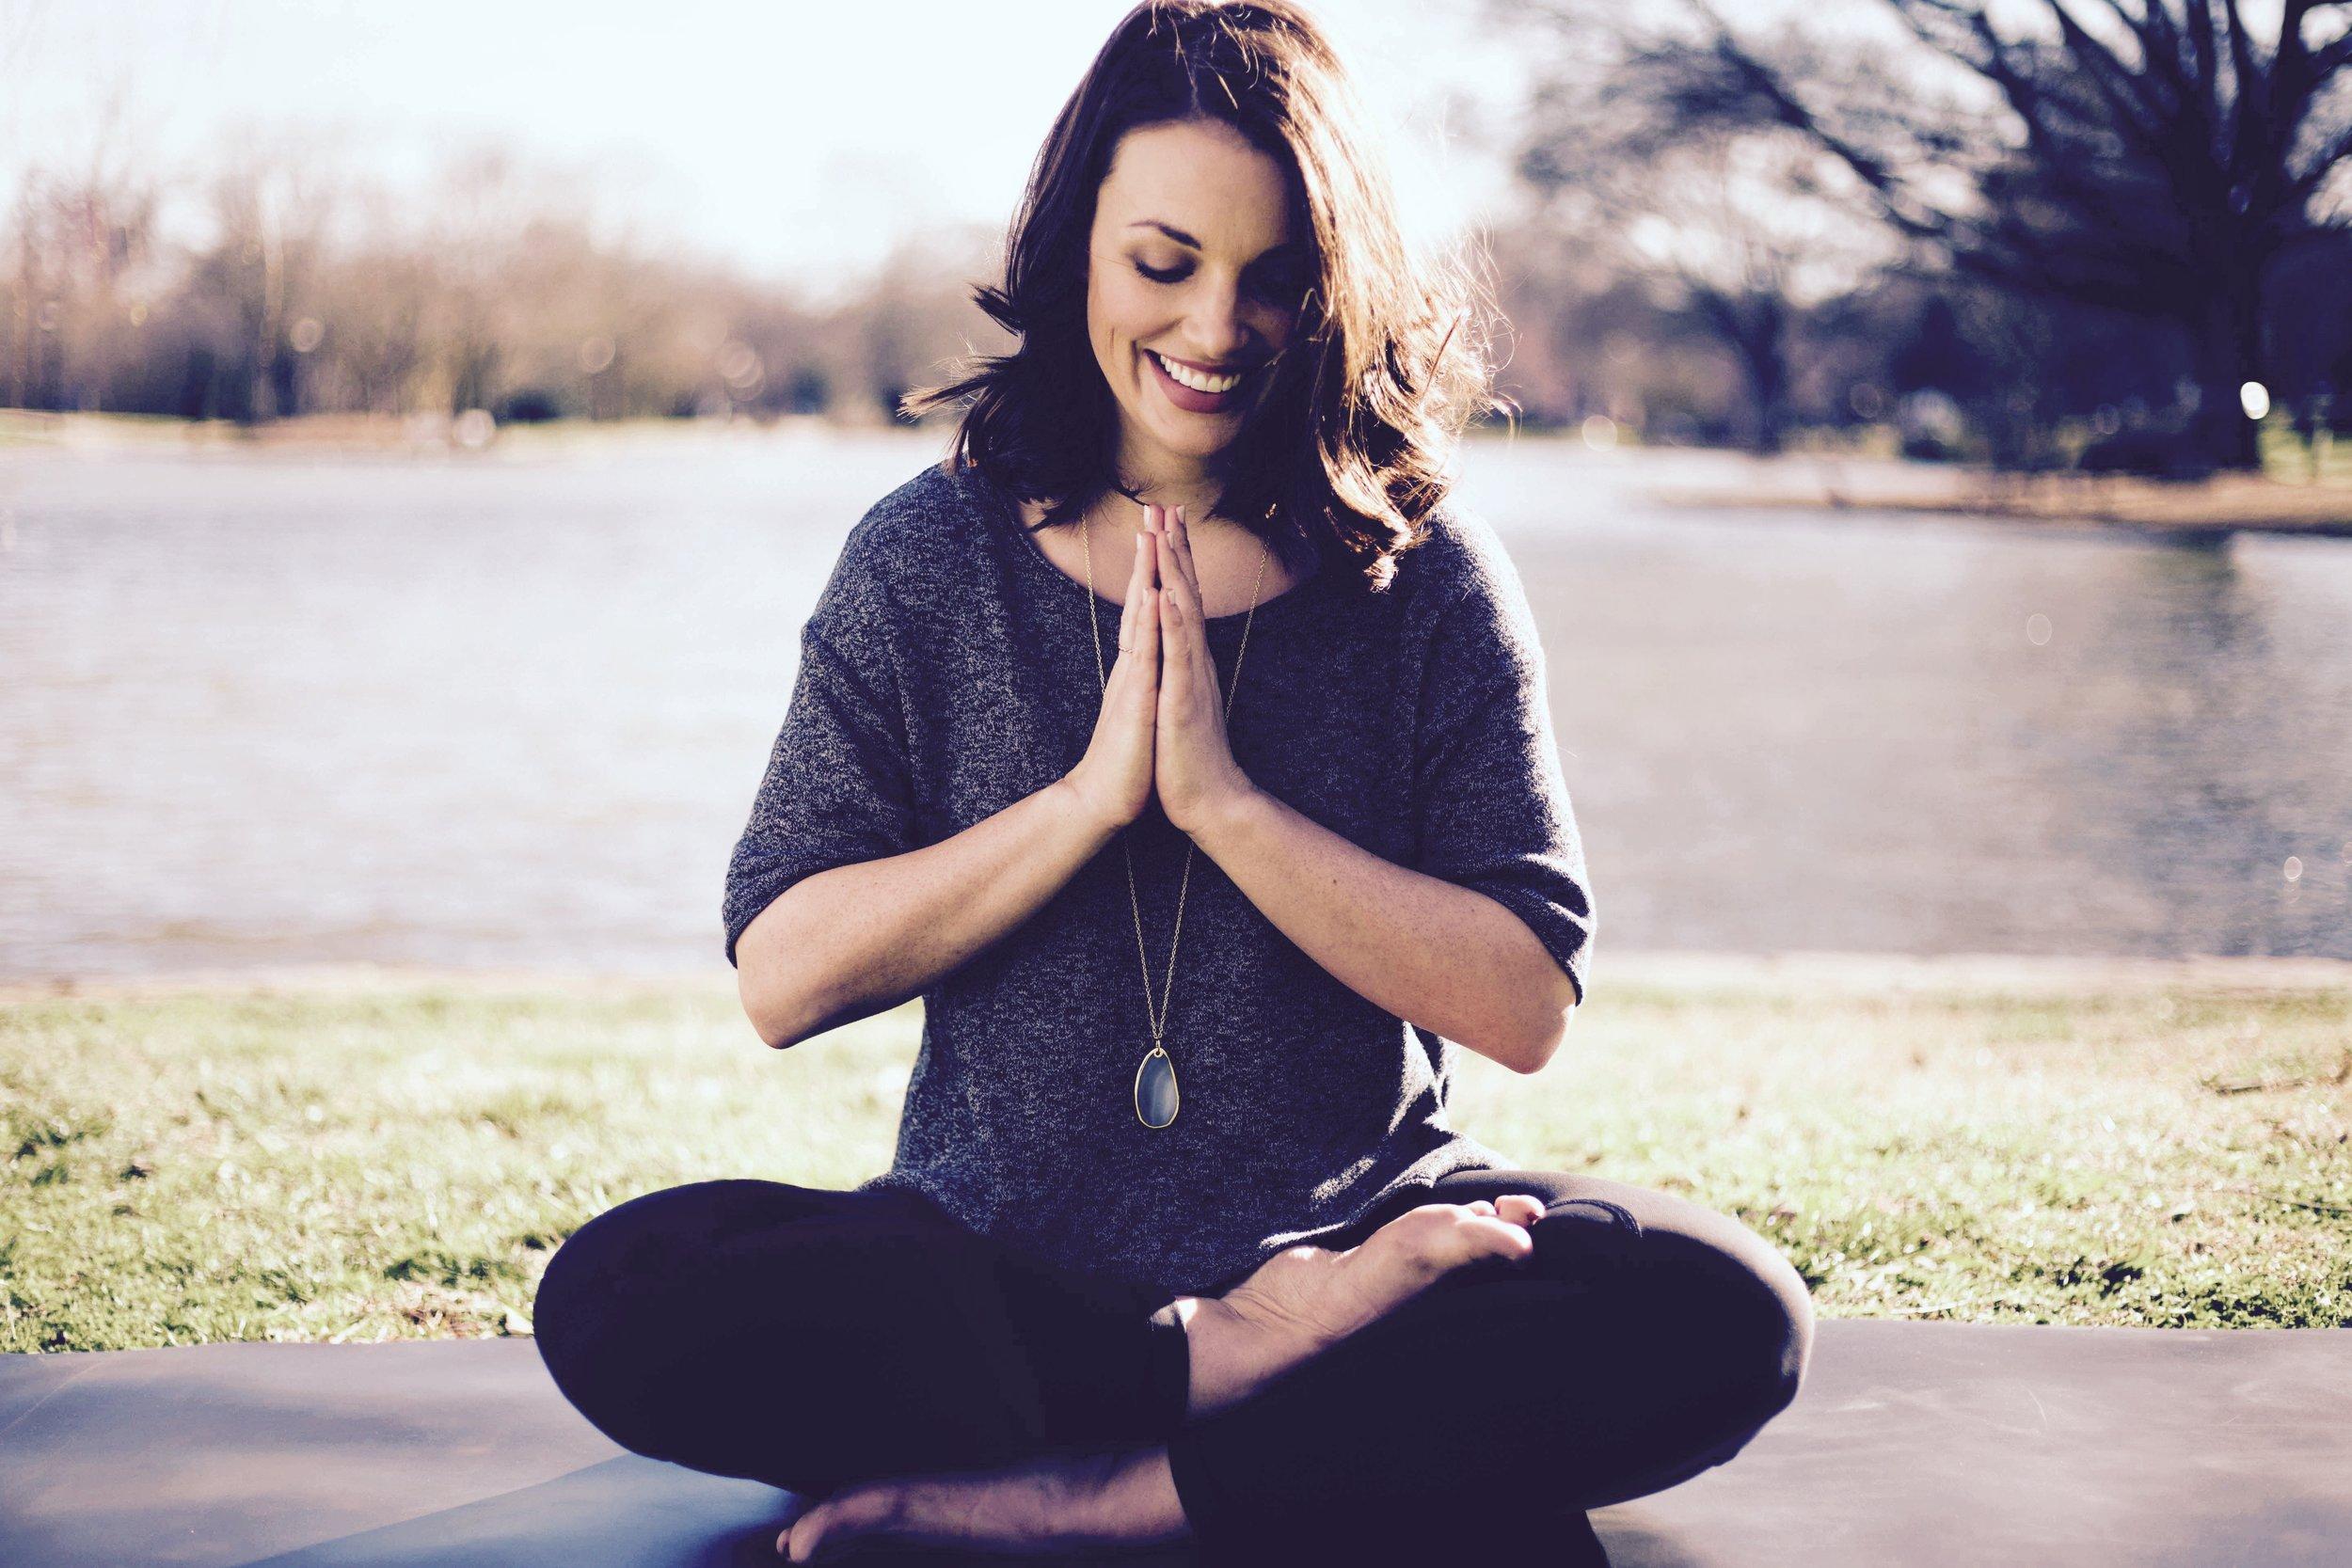 Emily Robinson  CYT-500, RYT-200, Health & Wellness Coach Specializing in Yoga Therapy, Trauma-Sensitive Yoga & Pre-/Postnatal Yoga